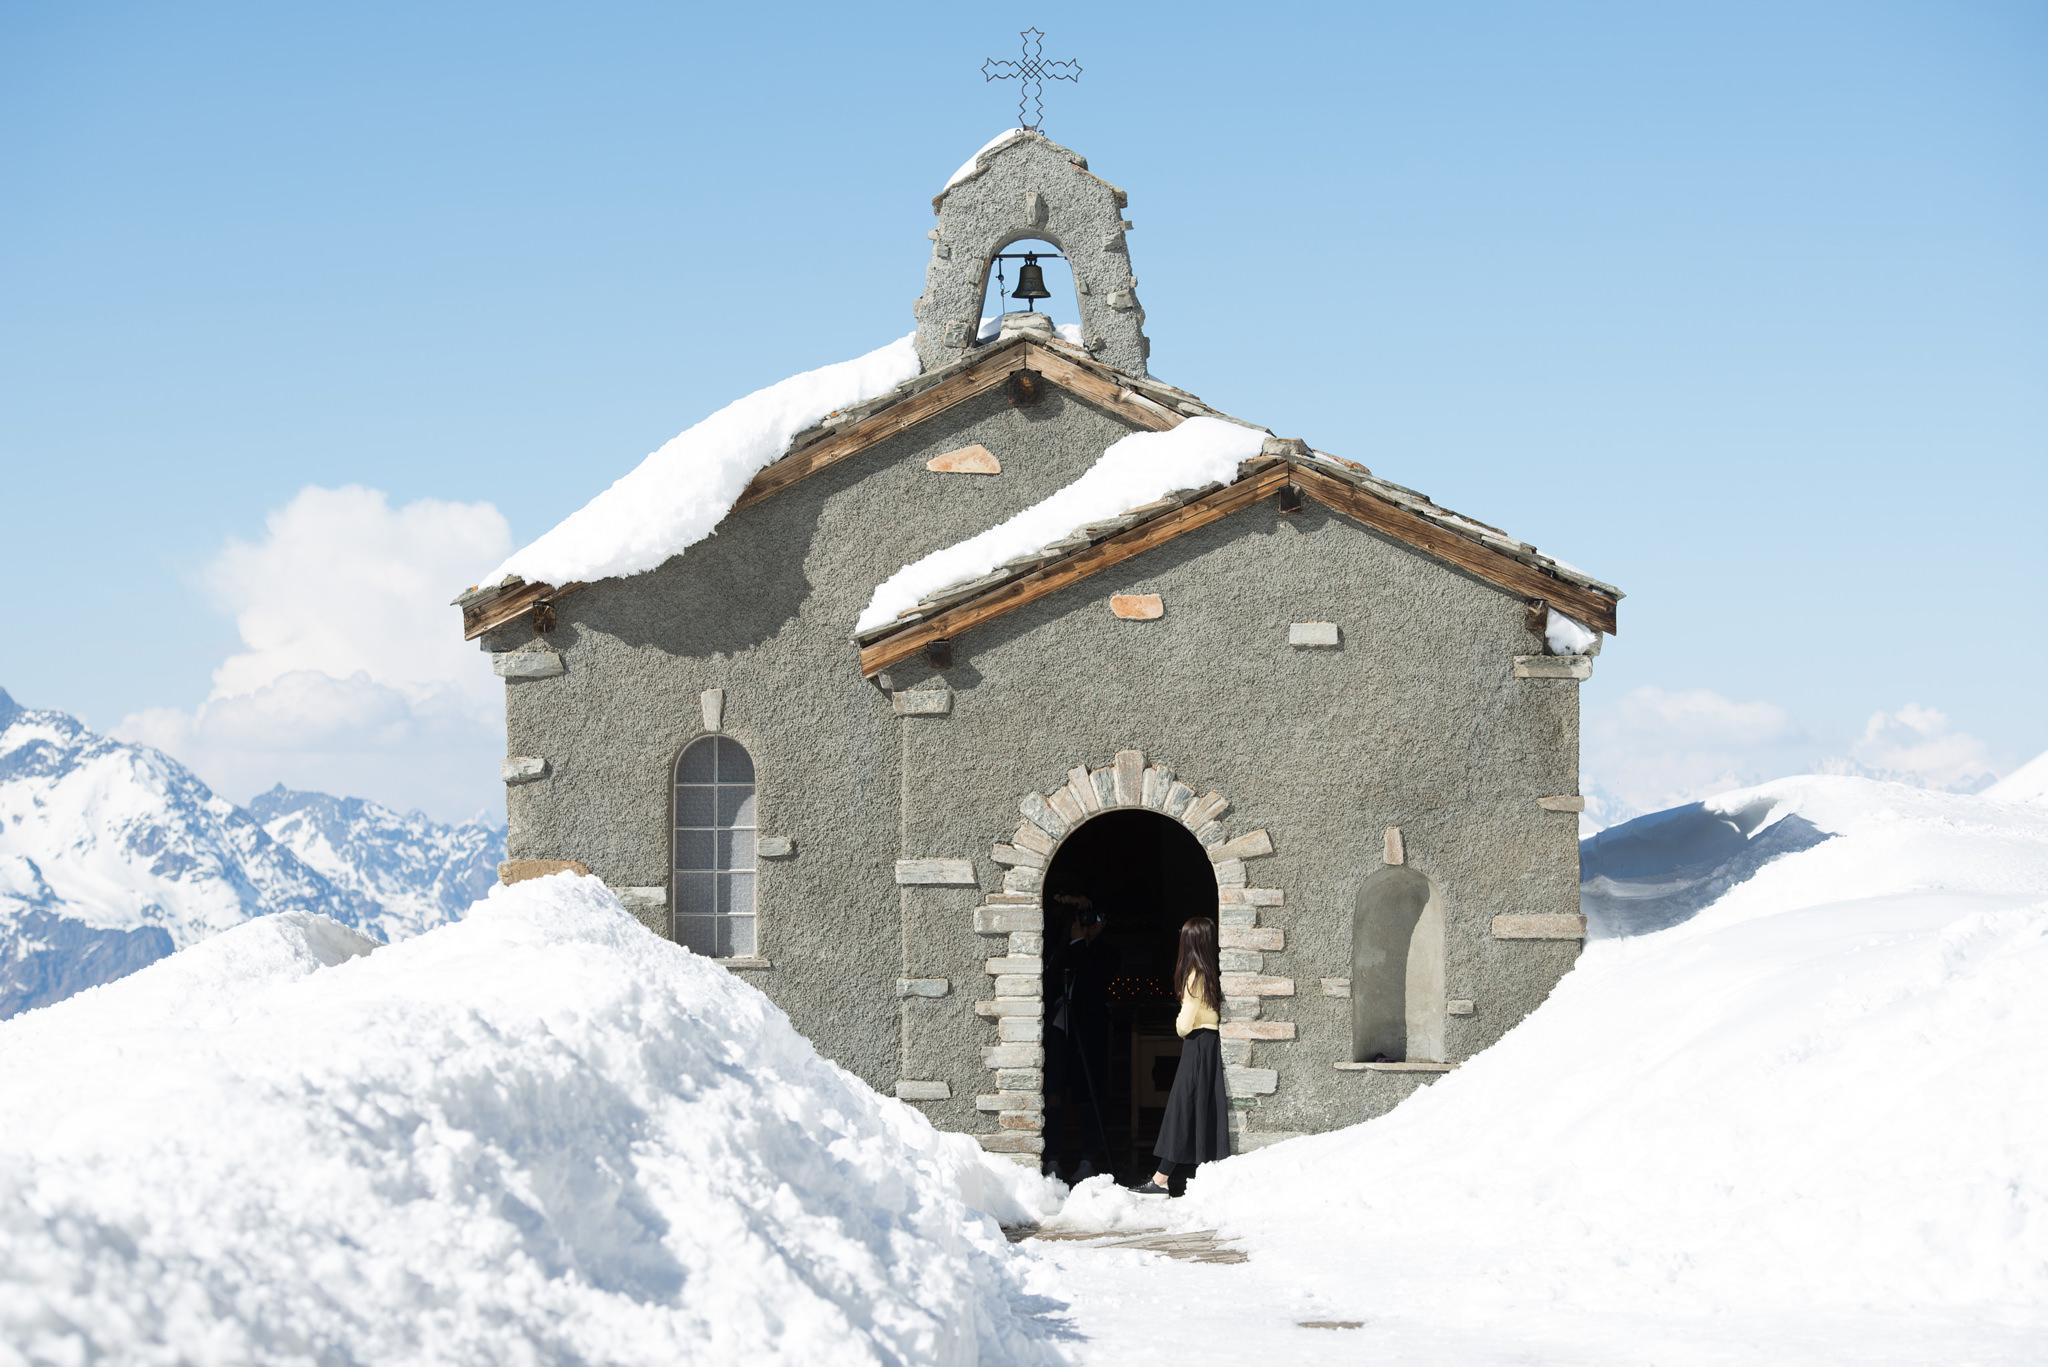 Bernhard von Aosta chapel in zermatt gornergrat